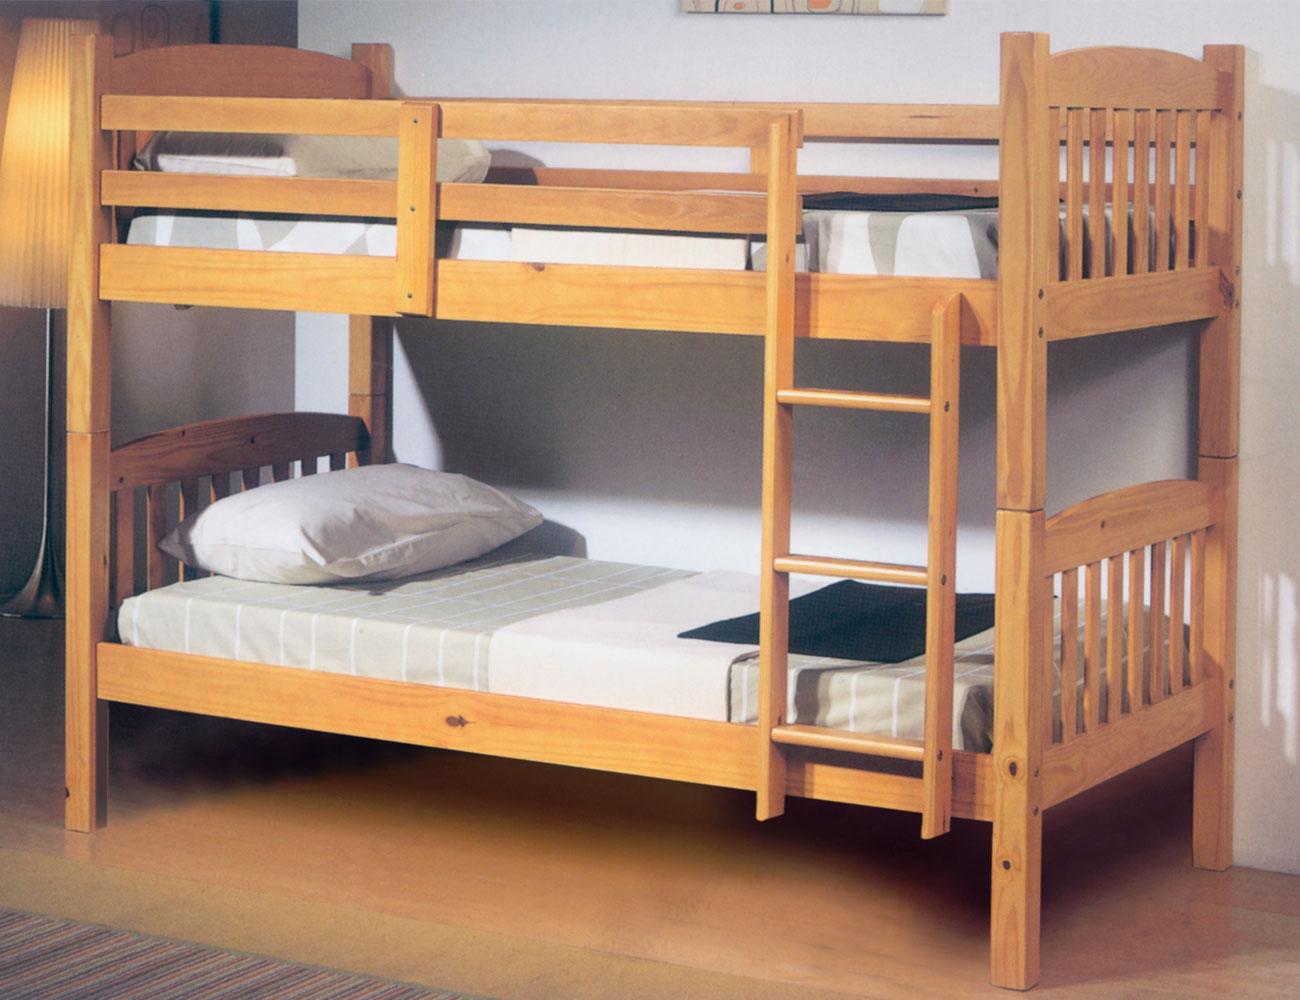 Cama litera dormitorio juvenil en madera color miel con for Literas de madera para ninos